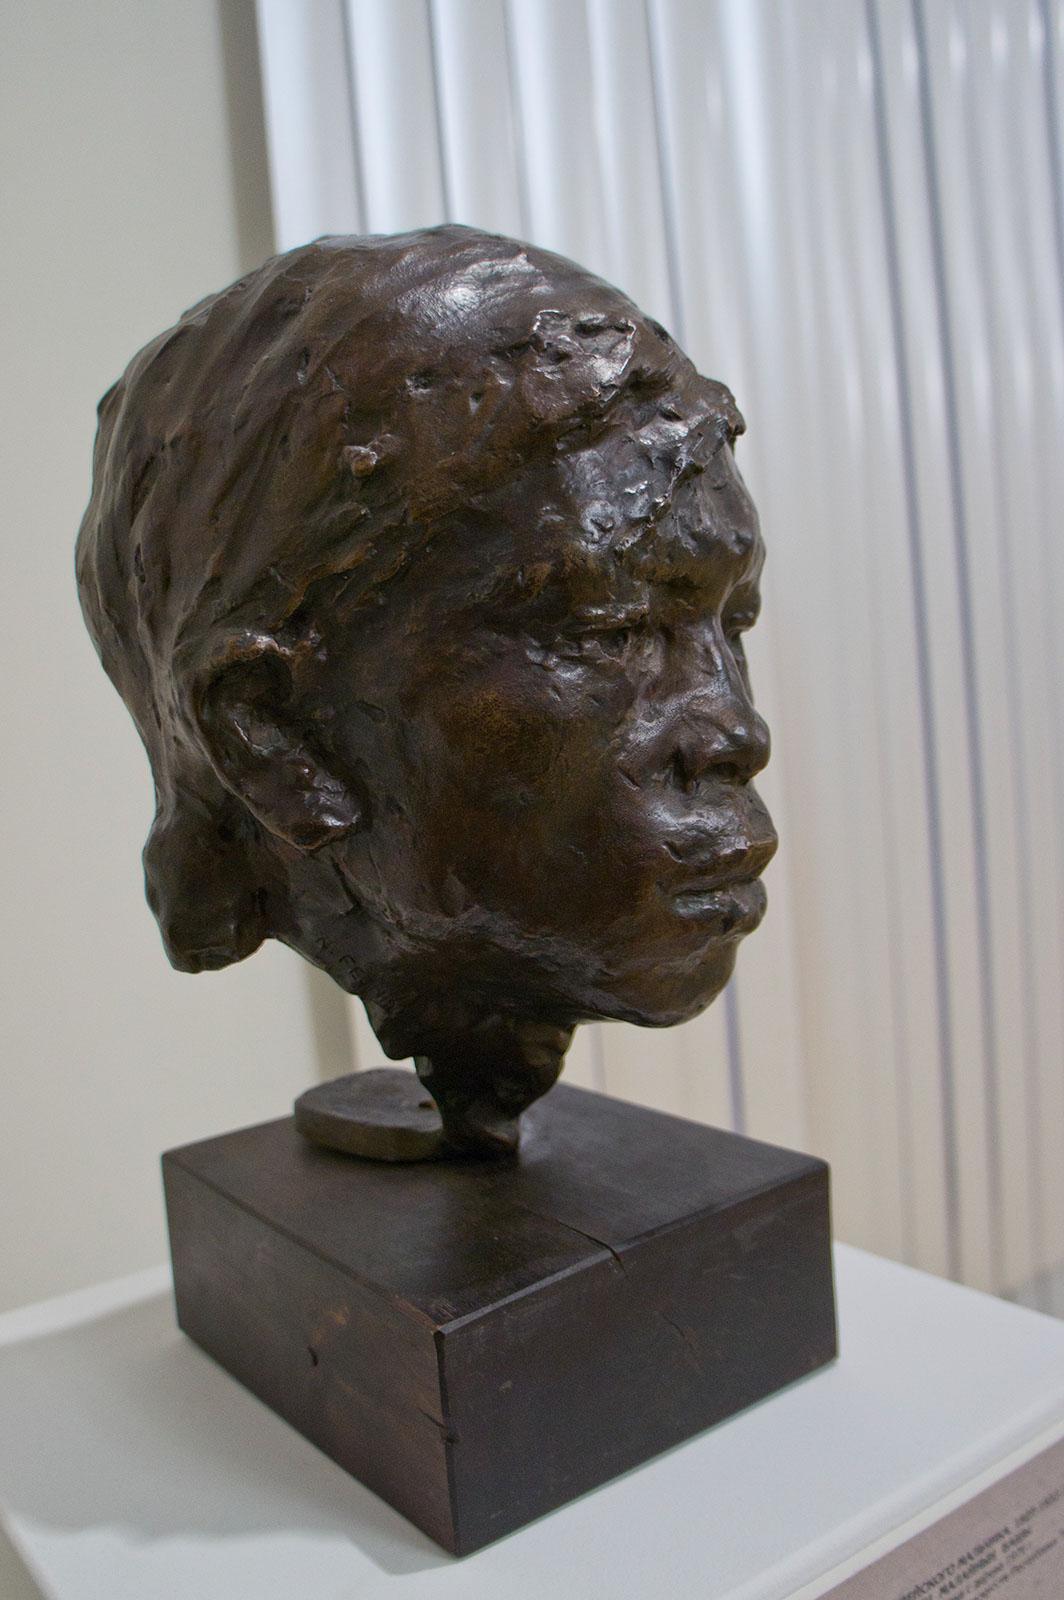 Фото №86629. Голова индейского мальчика. 1927-1933 (?). Фешин Н.И.